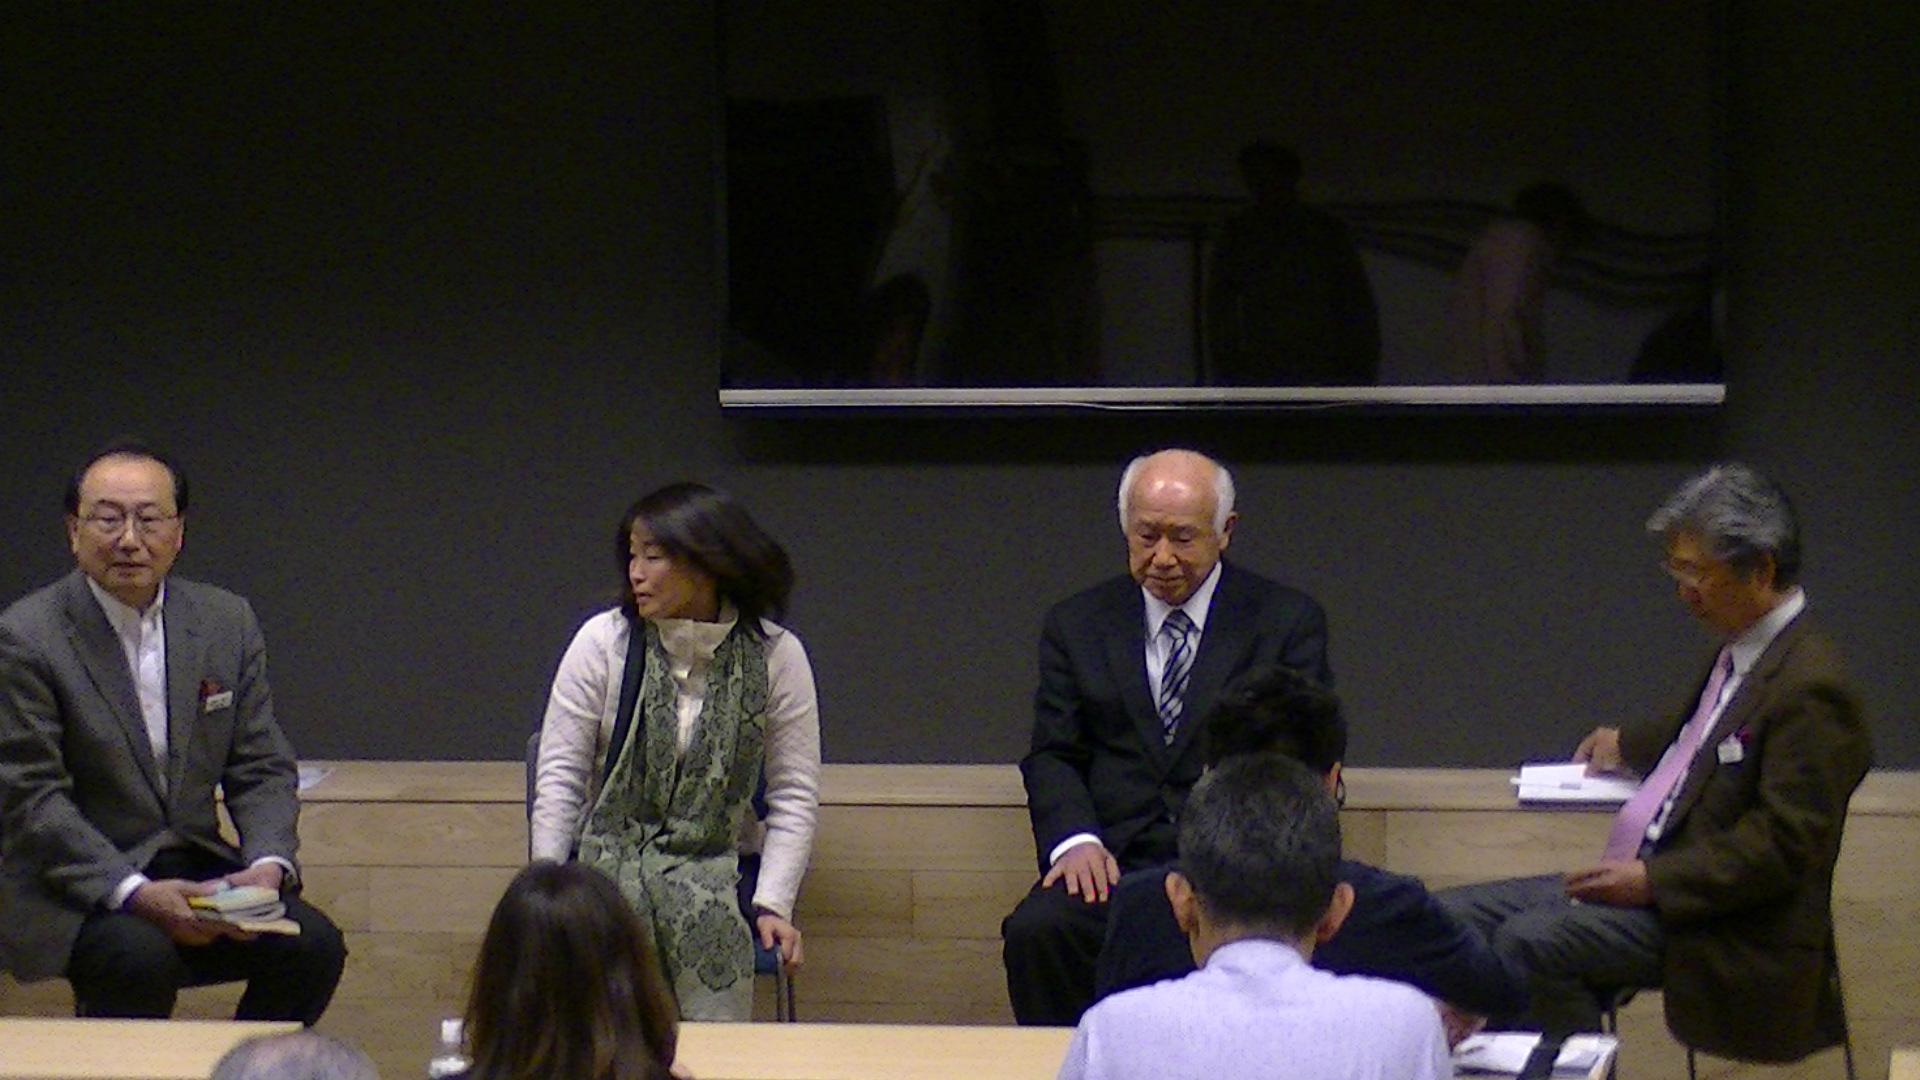 PIC 0539 - 平成30年度 東京思風塾 4月7日(土)「時代が問題をつくり、問題が人物をつくる」